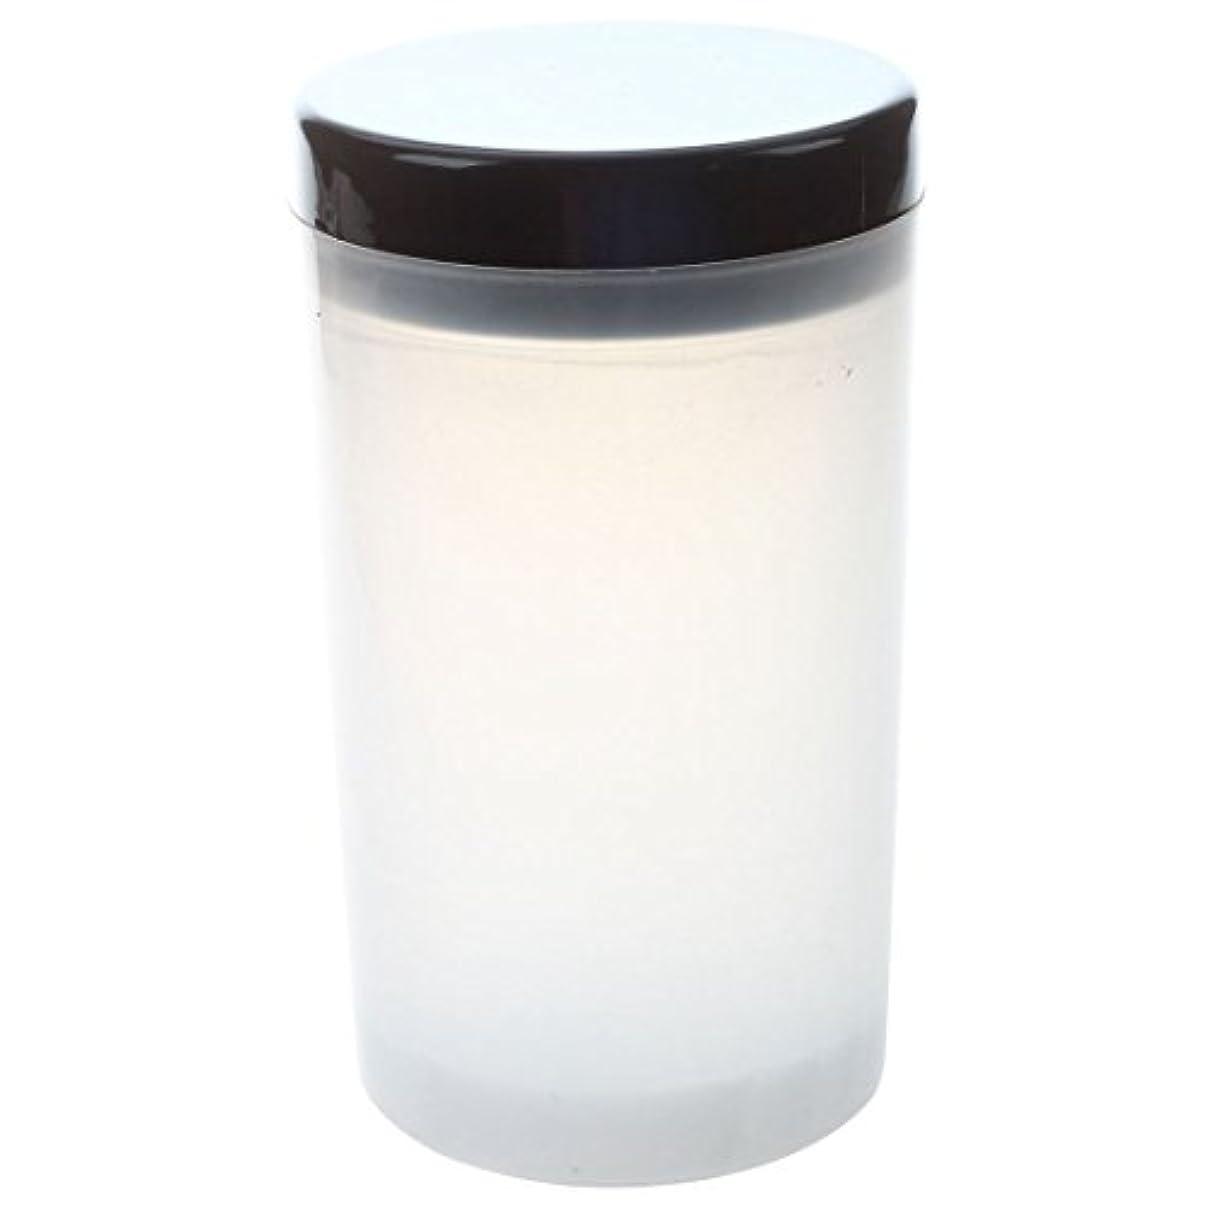 宿最大限スピンSODIAL ネイルアートチップブラシホルダー リムーバーカップカップ浸漬ブラシ クリーナーボトル